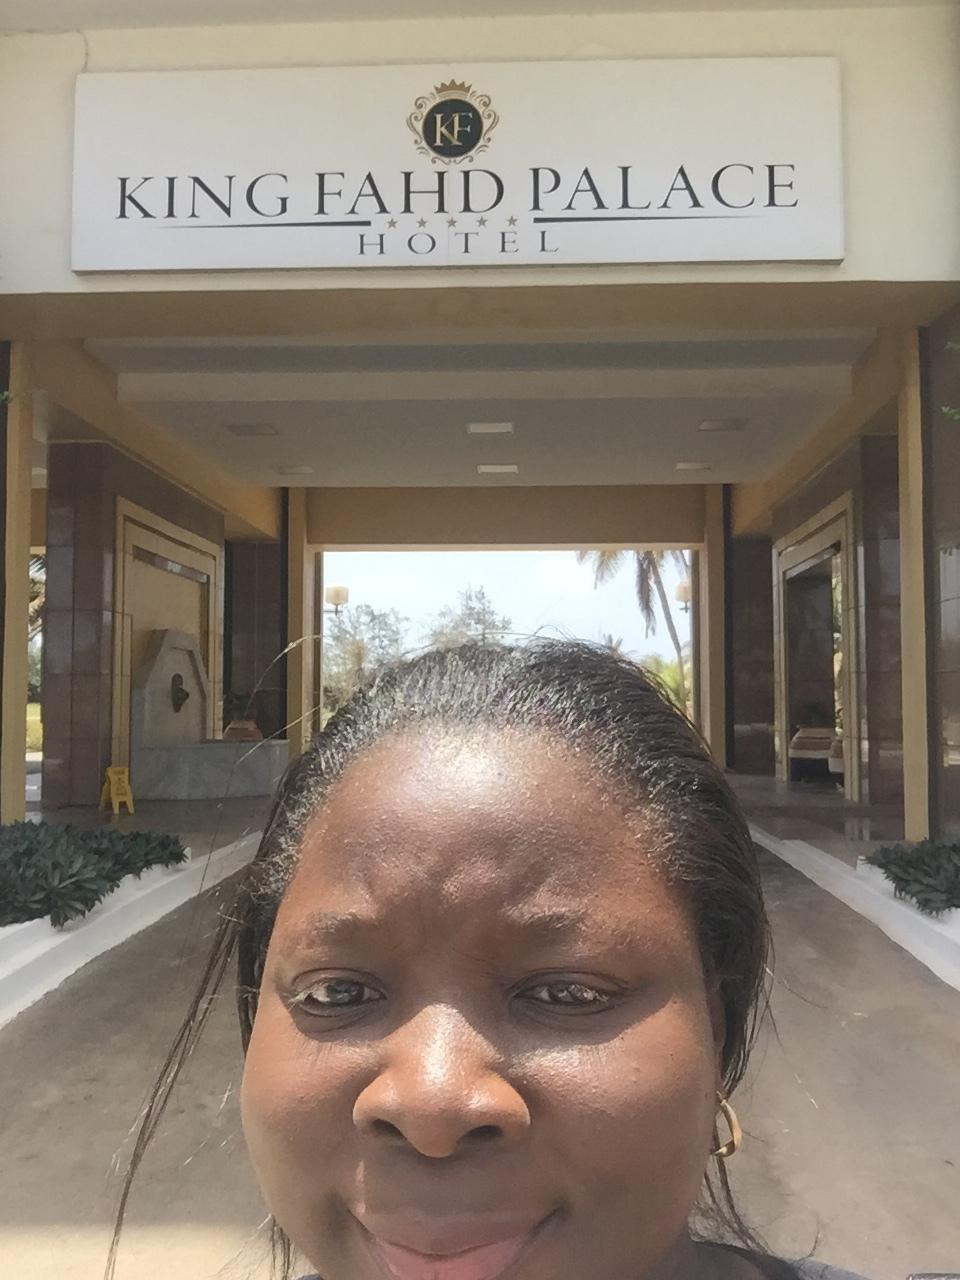 King Fahd Palace